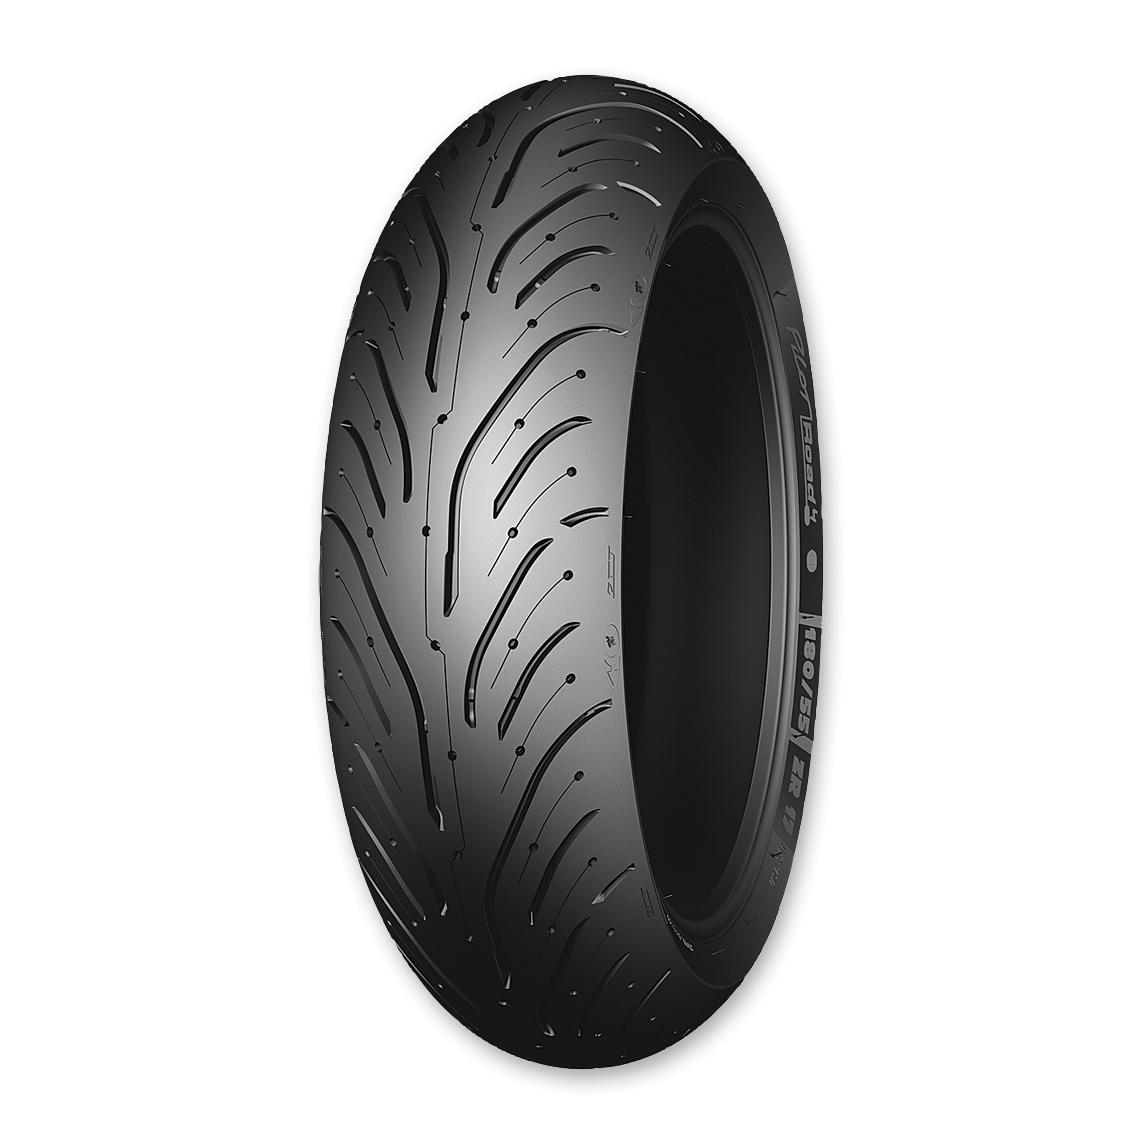 Michelin Pilot Road 4 GT 190/50ZR17 Rear Tire